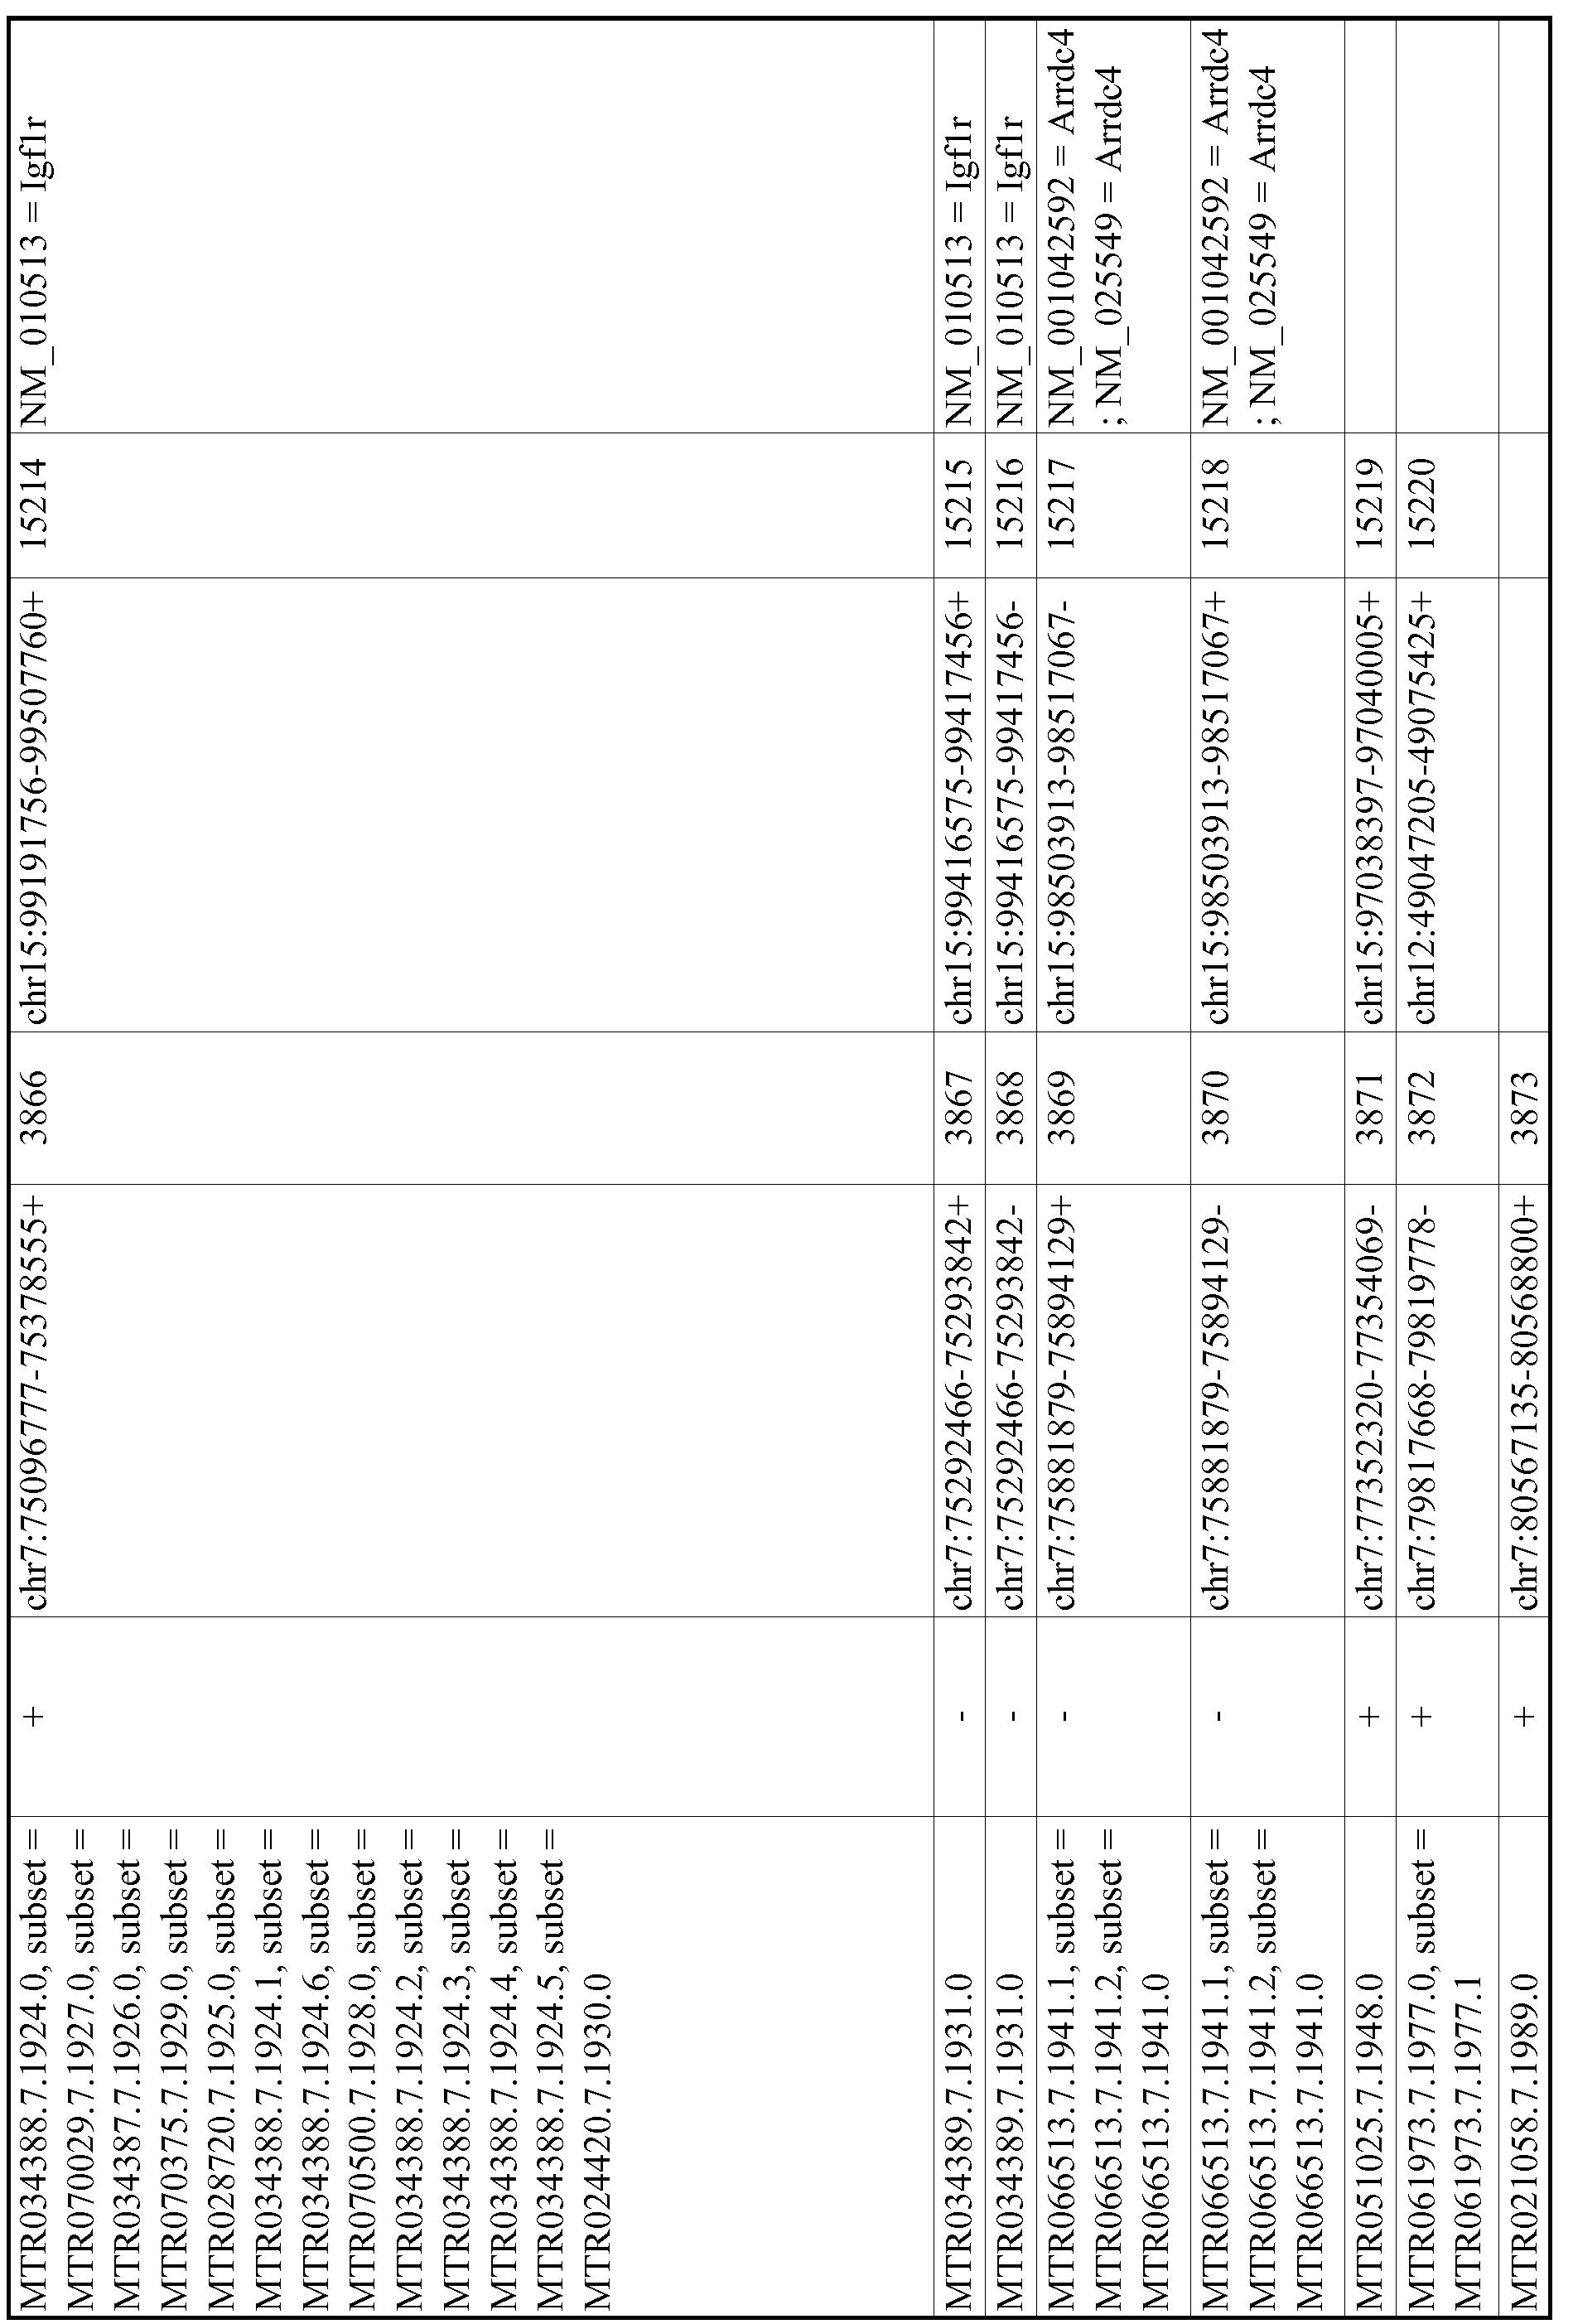 Figure imgf000741_0001